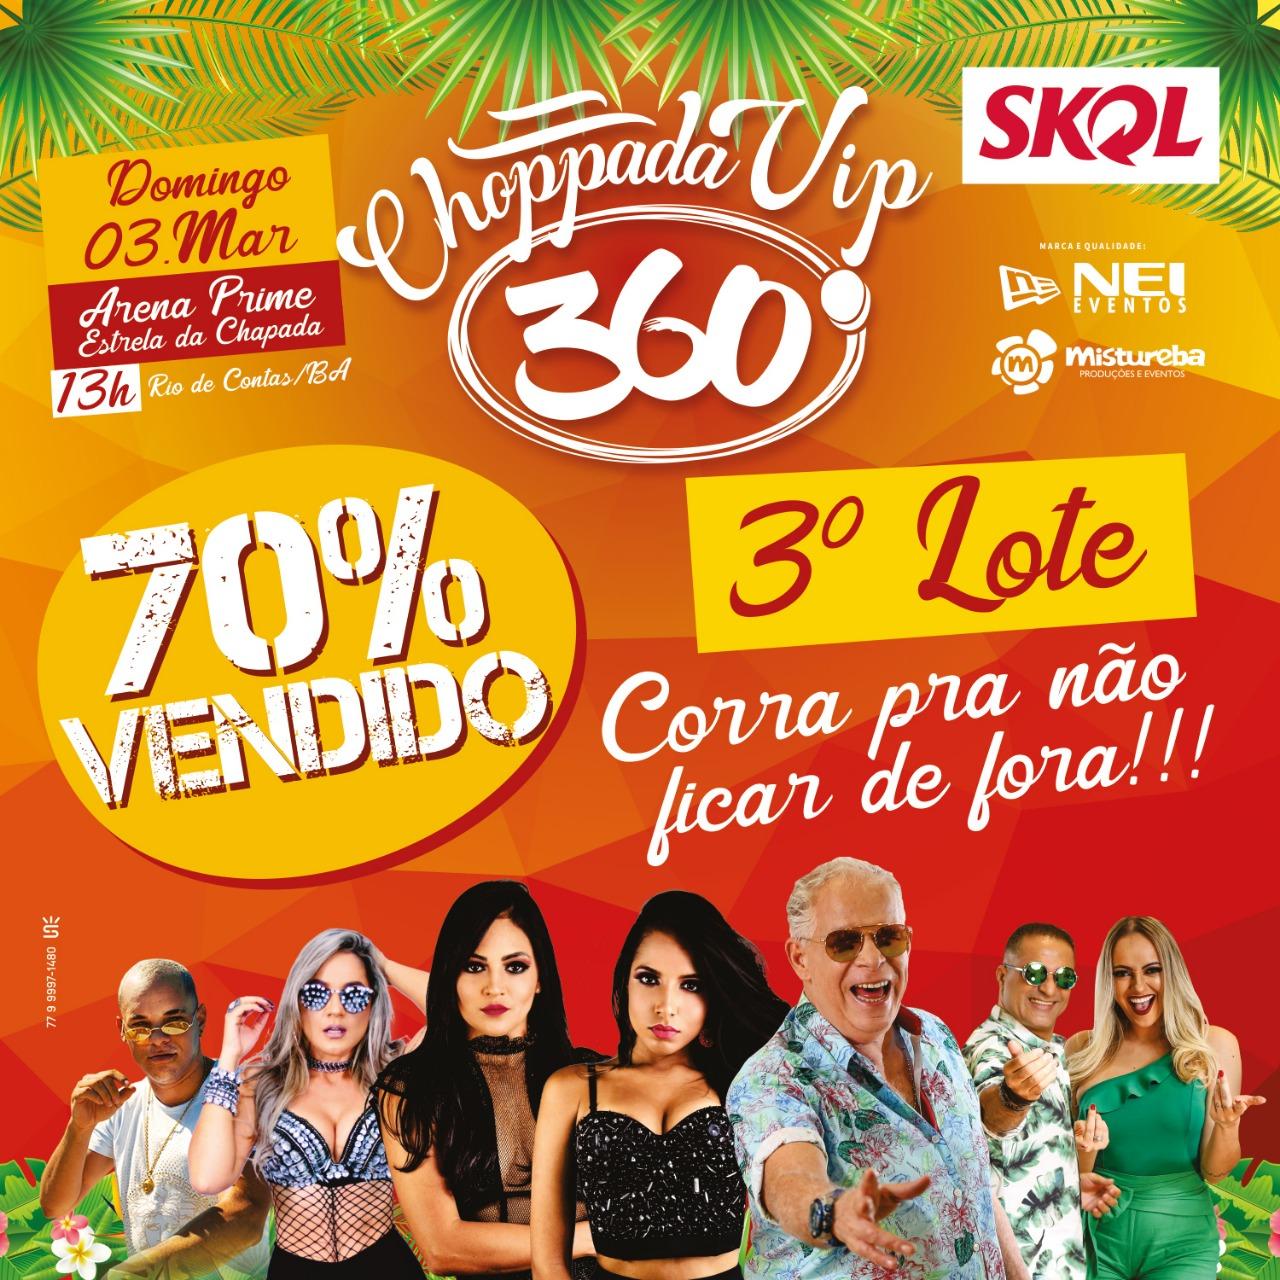 Carnaval de Rio de Contas: faltam 04 dias para a Choppada VIP 360°